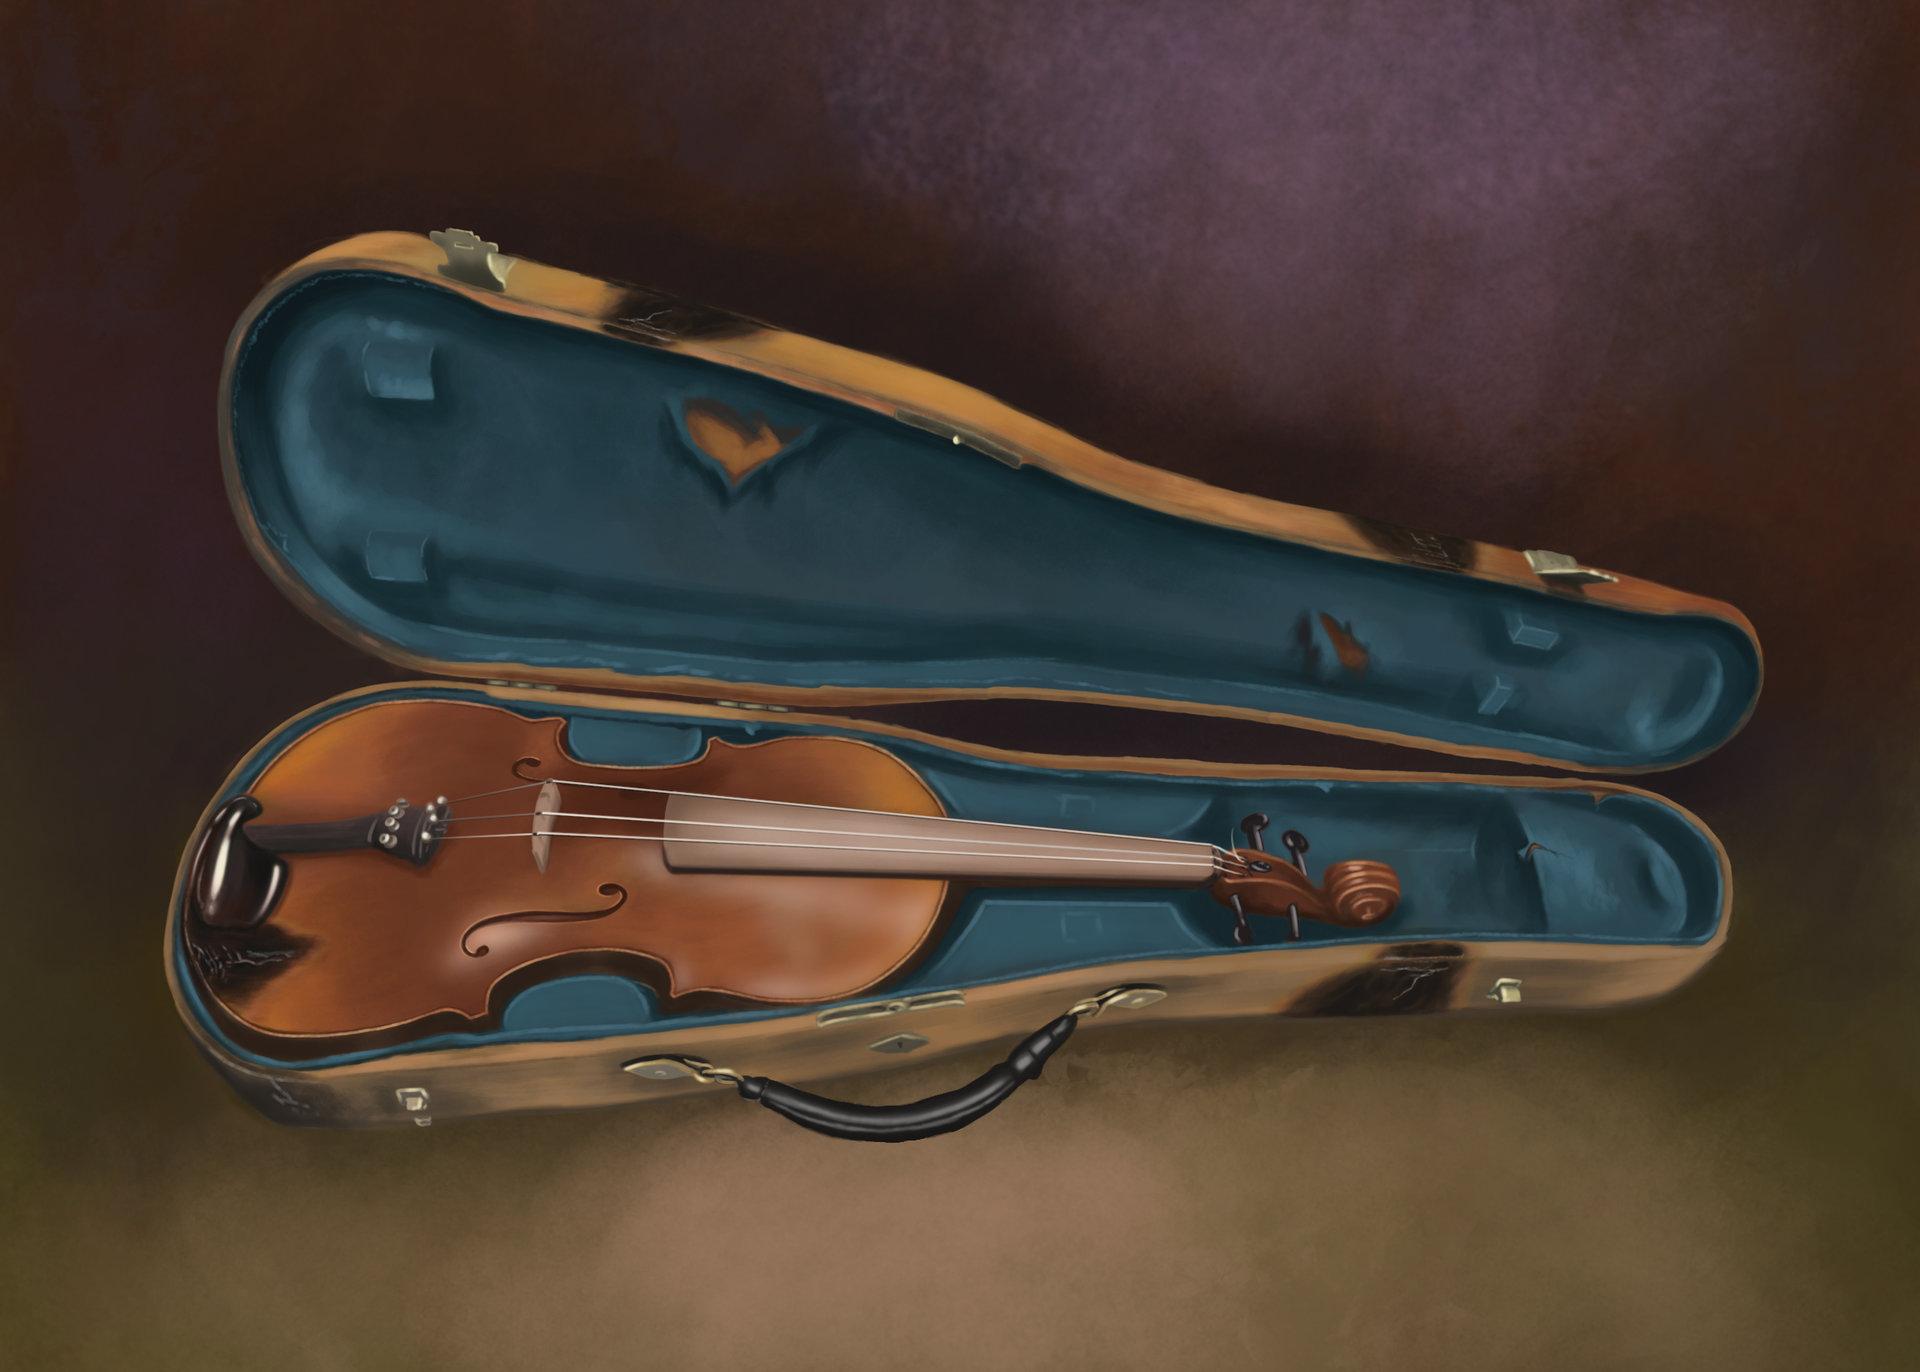 Daniel hidalgo vicente dibujo 1 violin